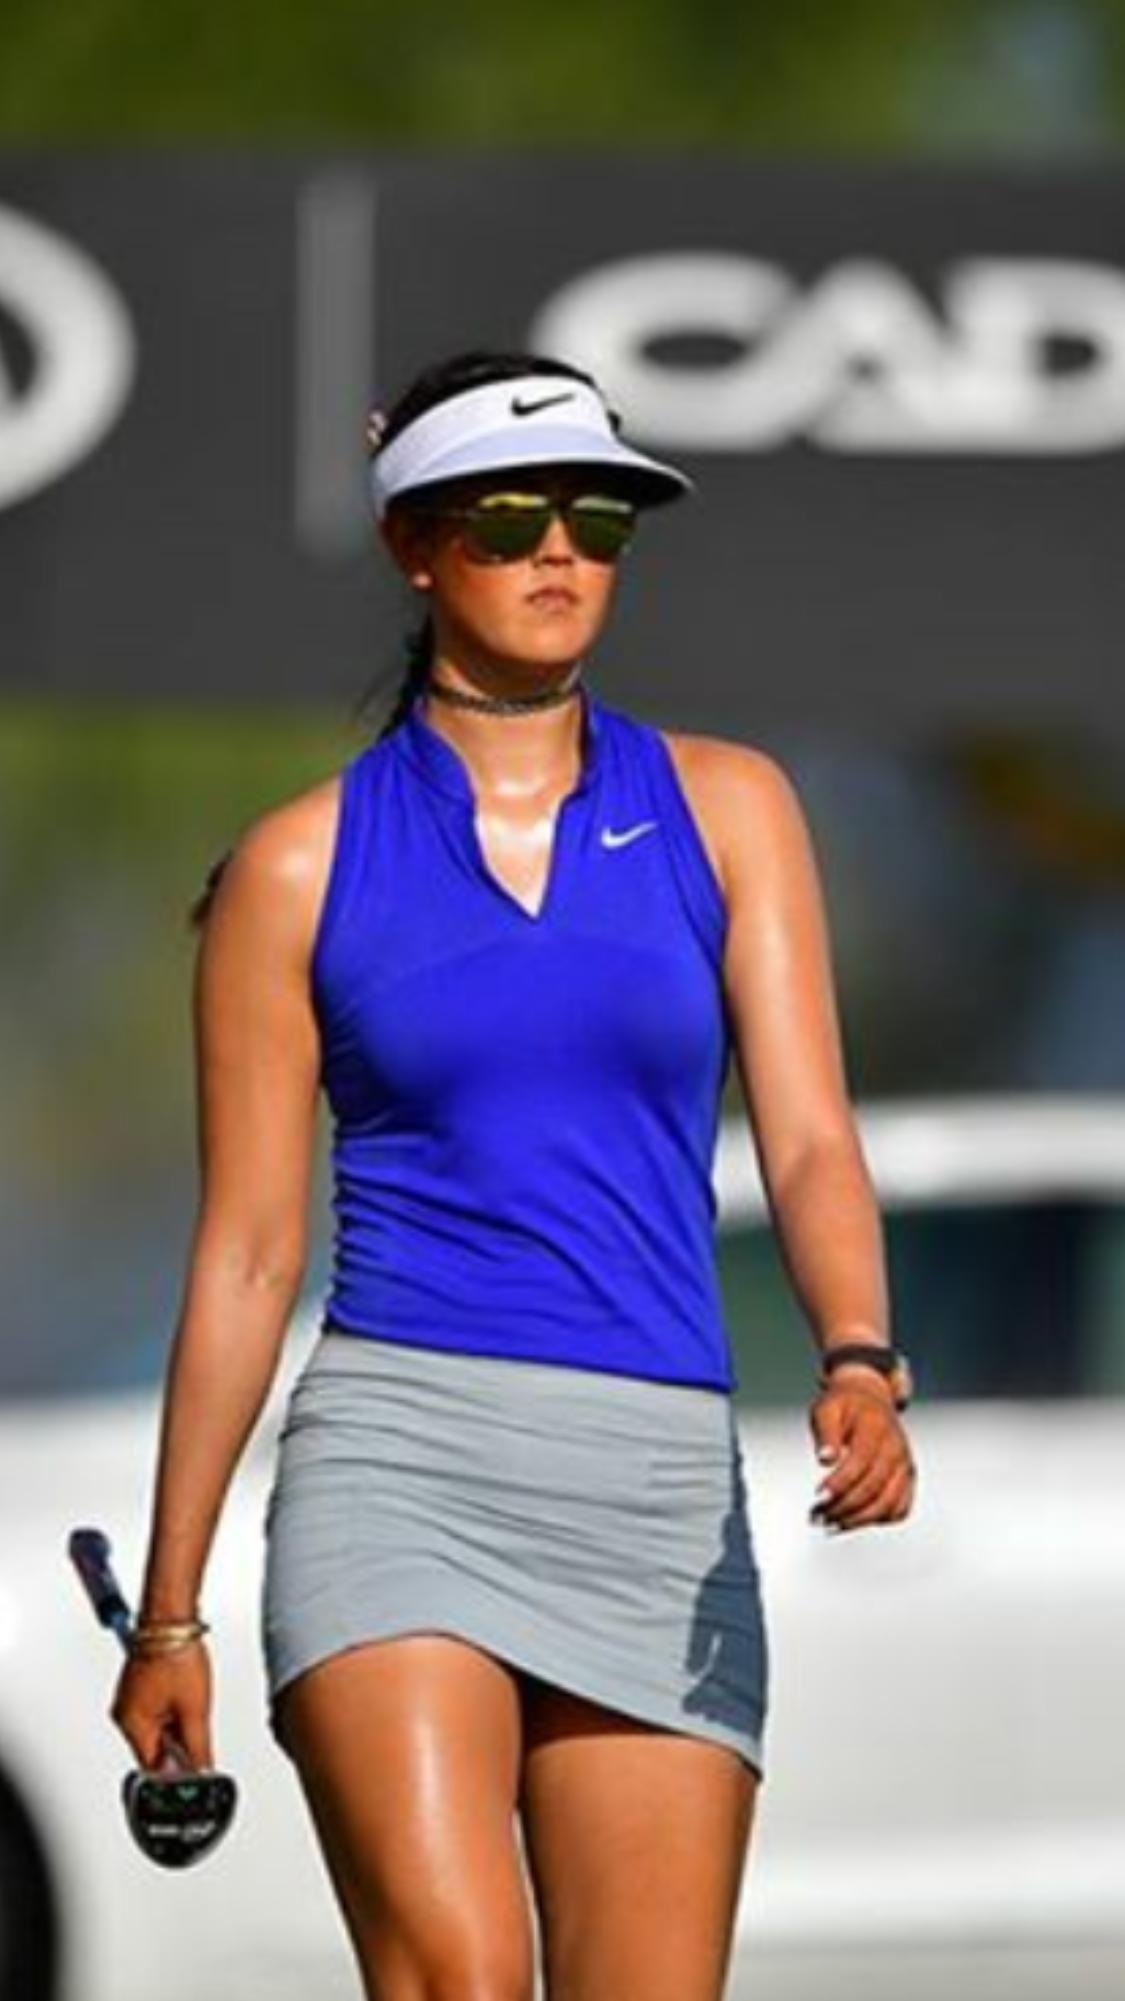 Sexy golf wear